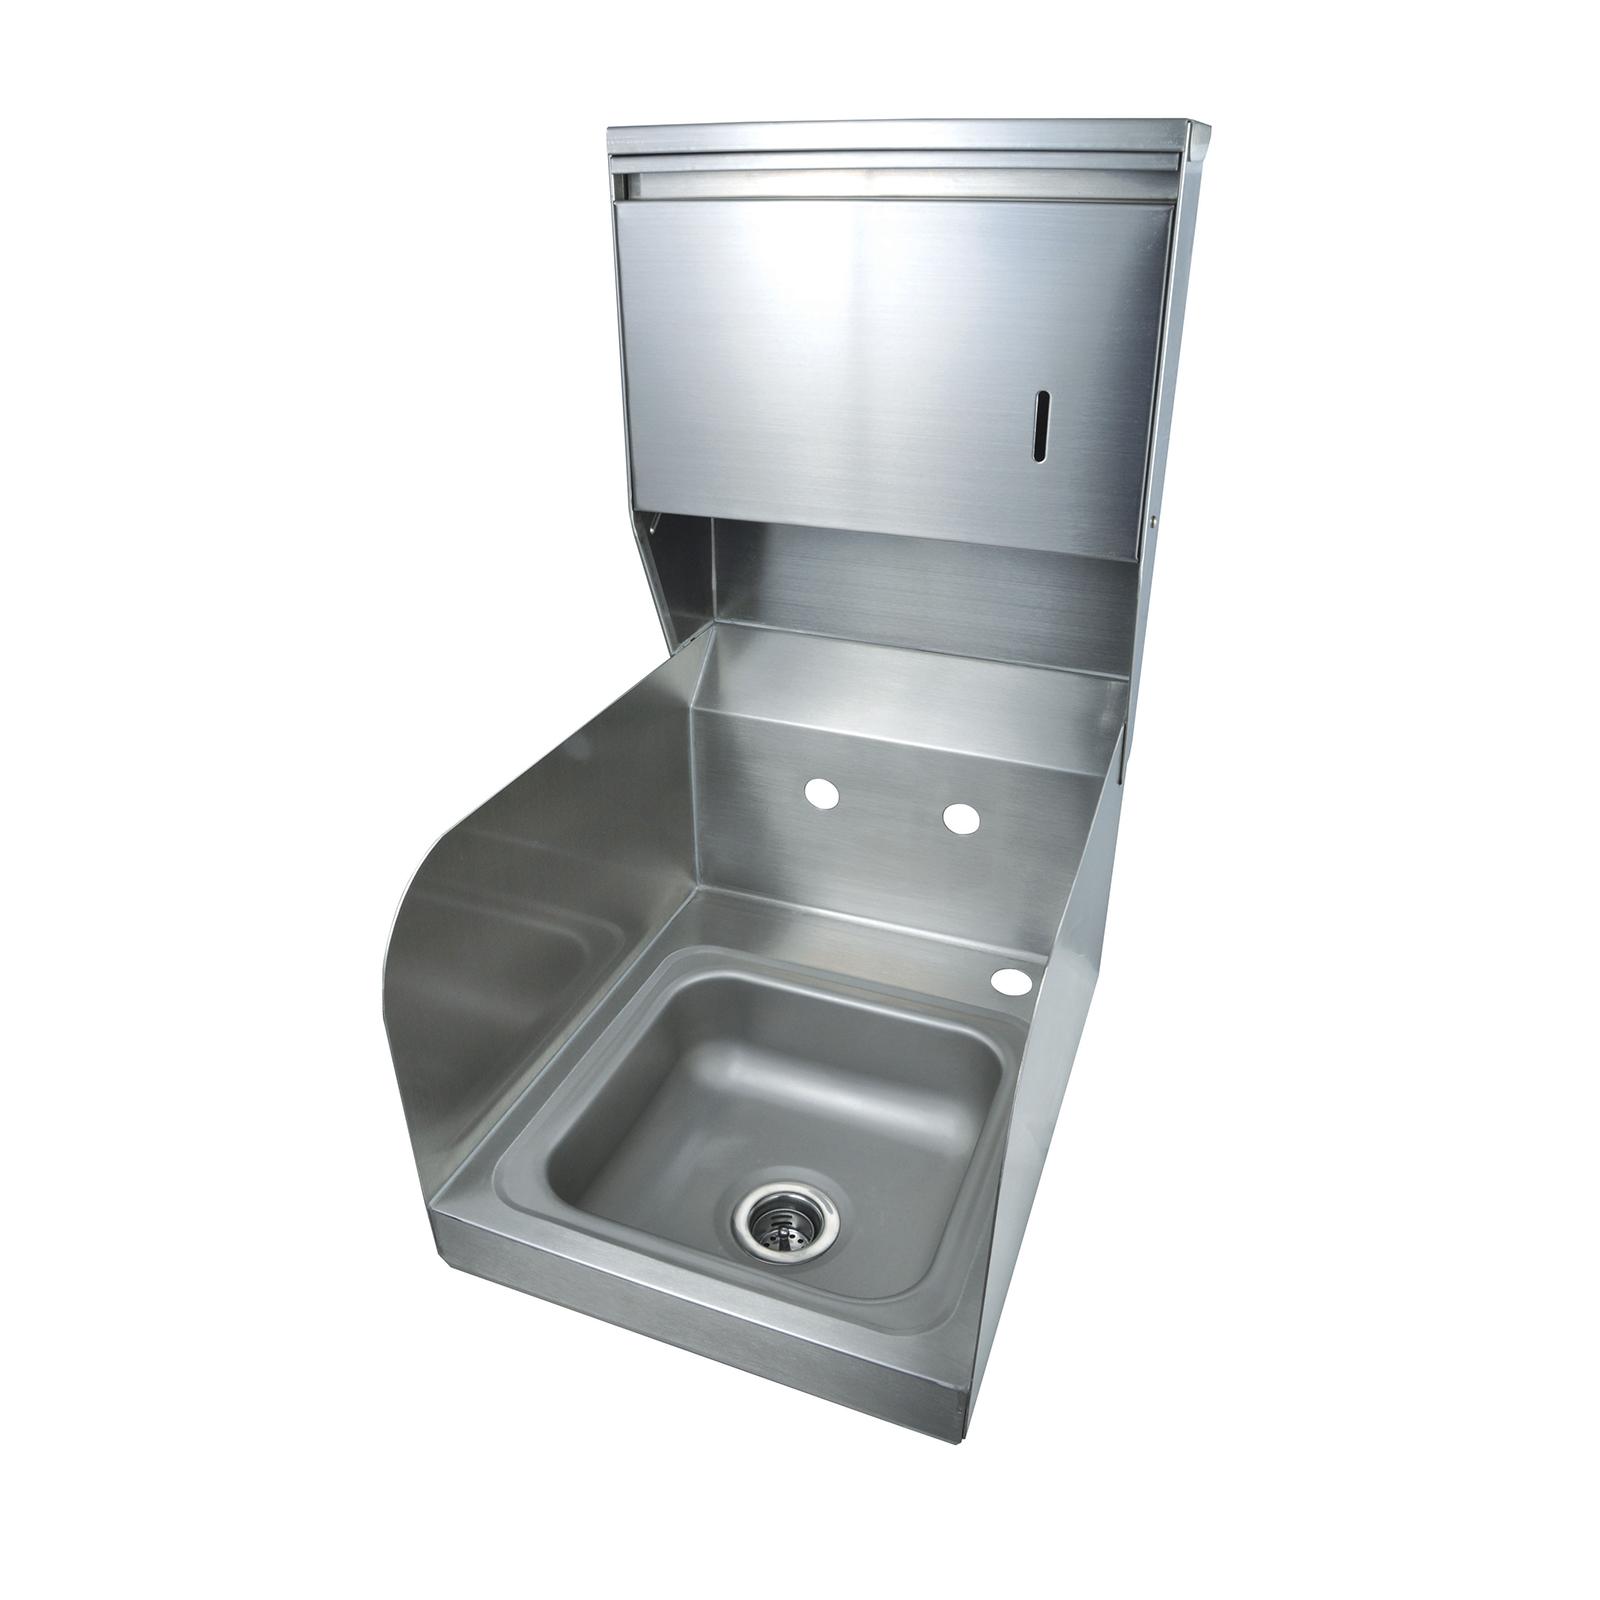 BK Resources BKHS-W-SS-SS-TD sink, hand